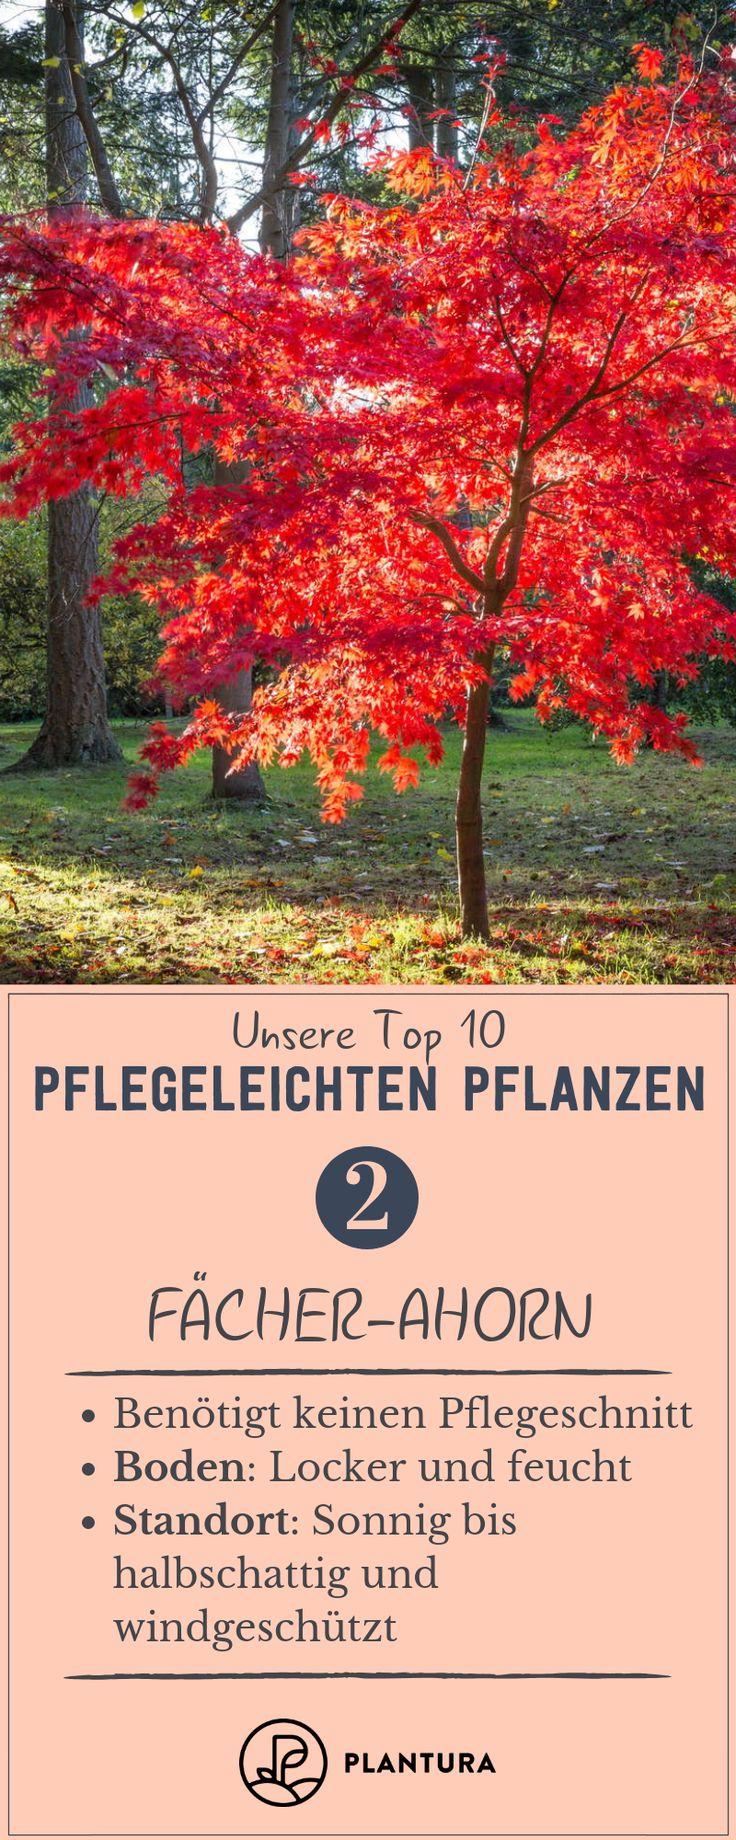 Pflegeleichte Gartenpflanzen: Die Top 10 für draußen – Plantura   Garten Ideen & Tipps   Gemüse, Obst, Kräuter